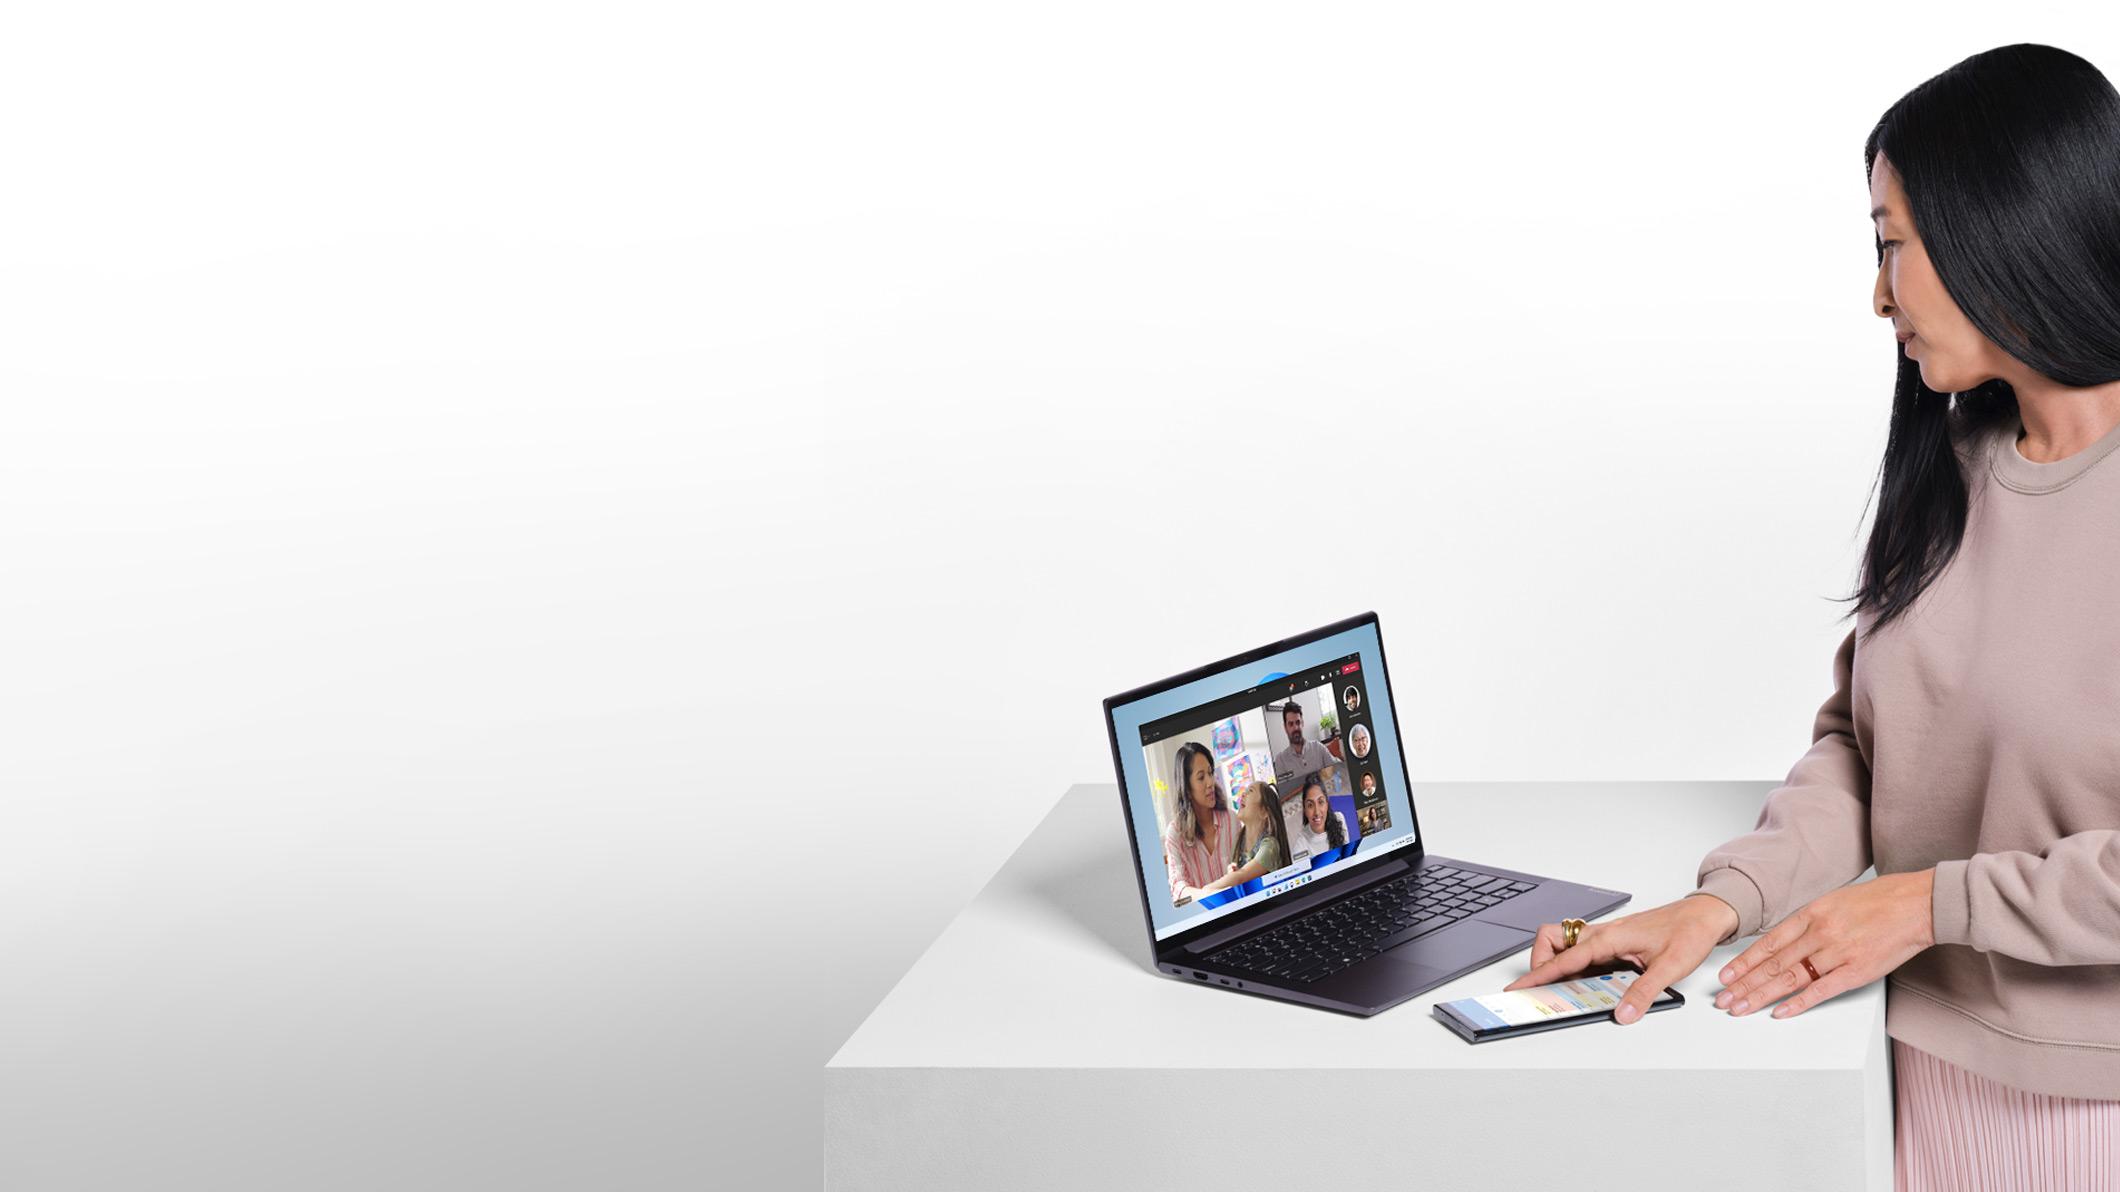 Femme avec un téléphone qui regarde un ordinateur portable avec écran Windows11